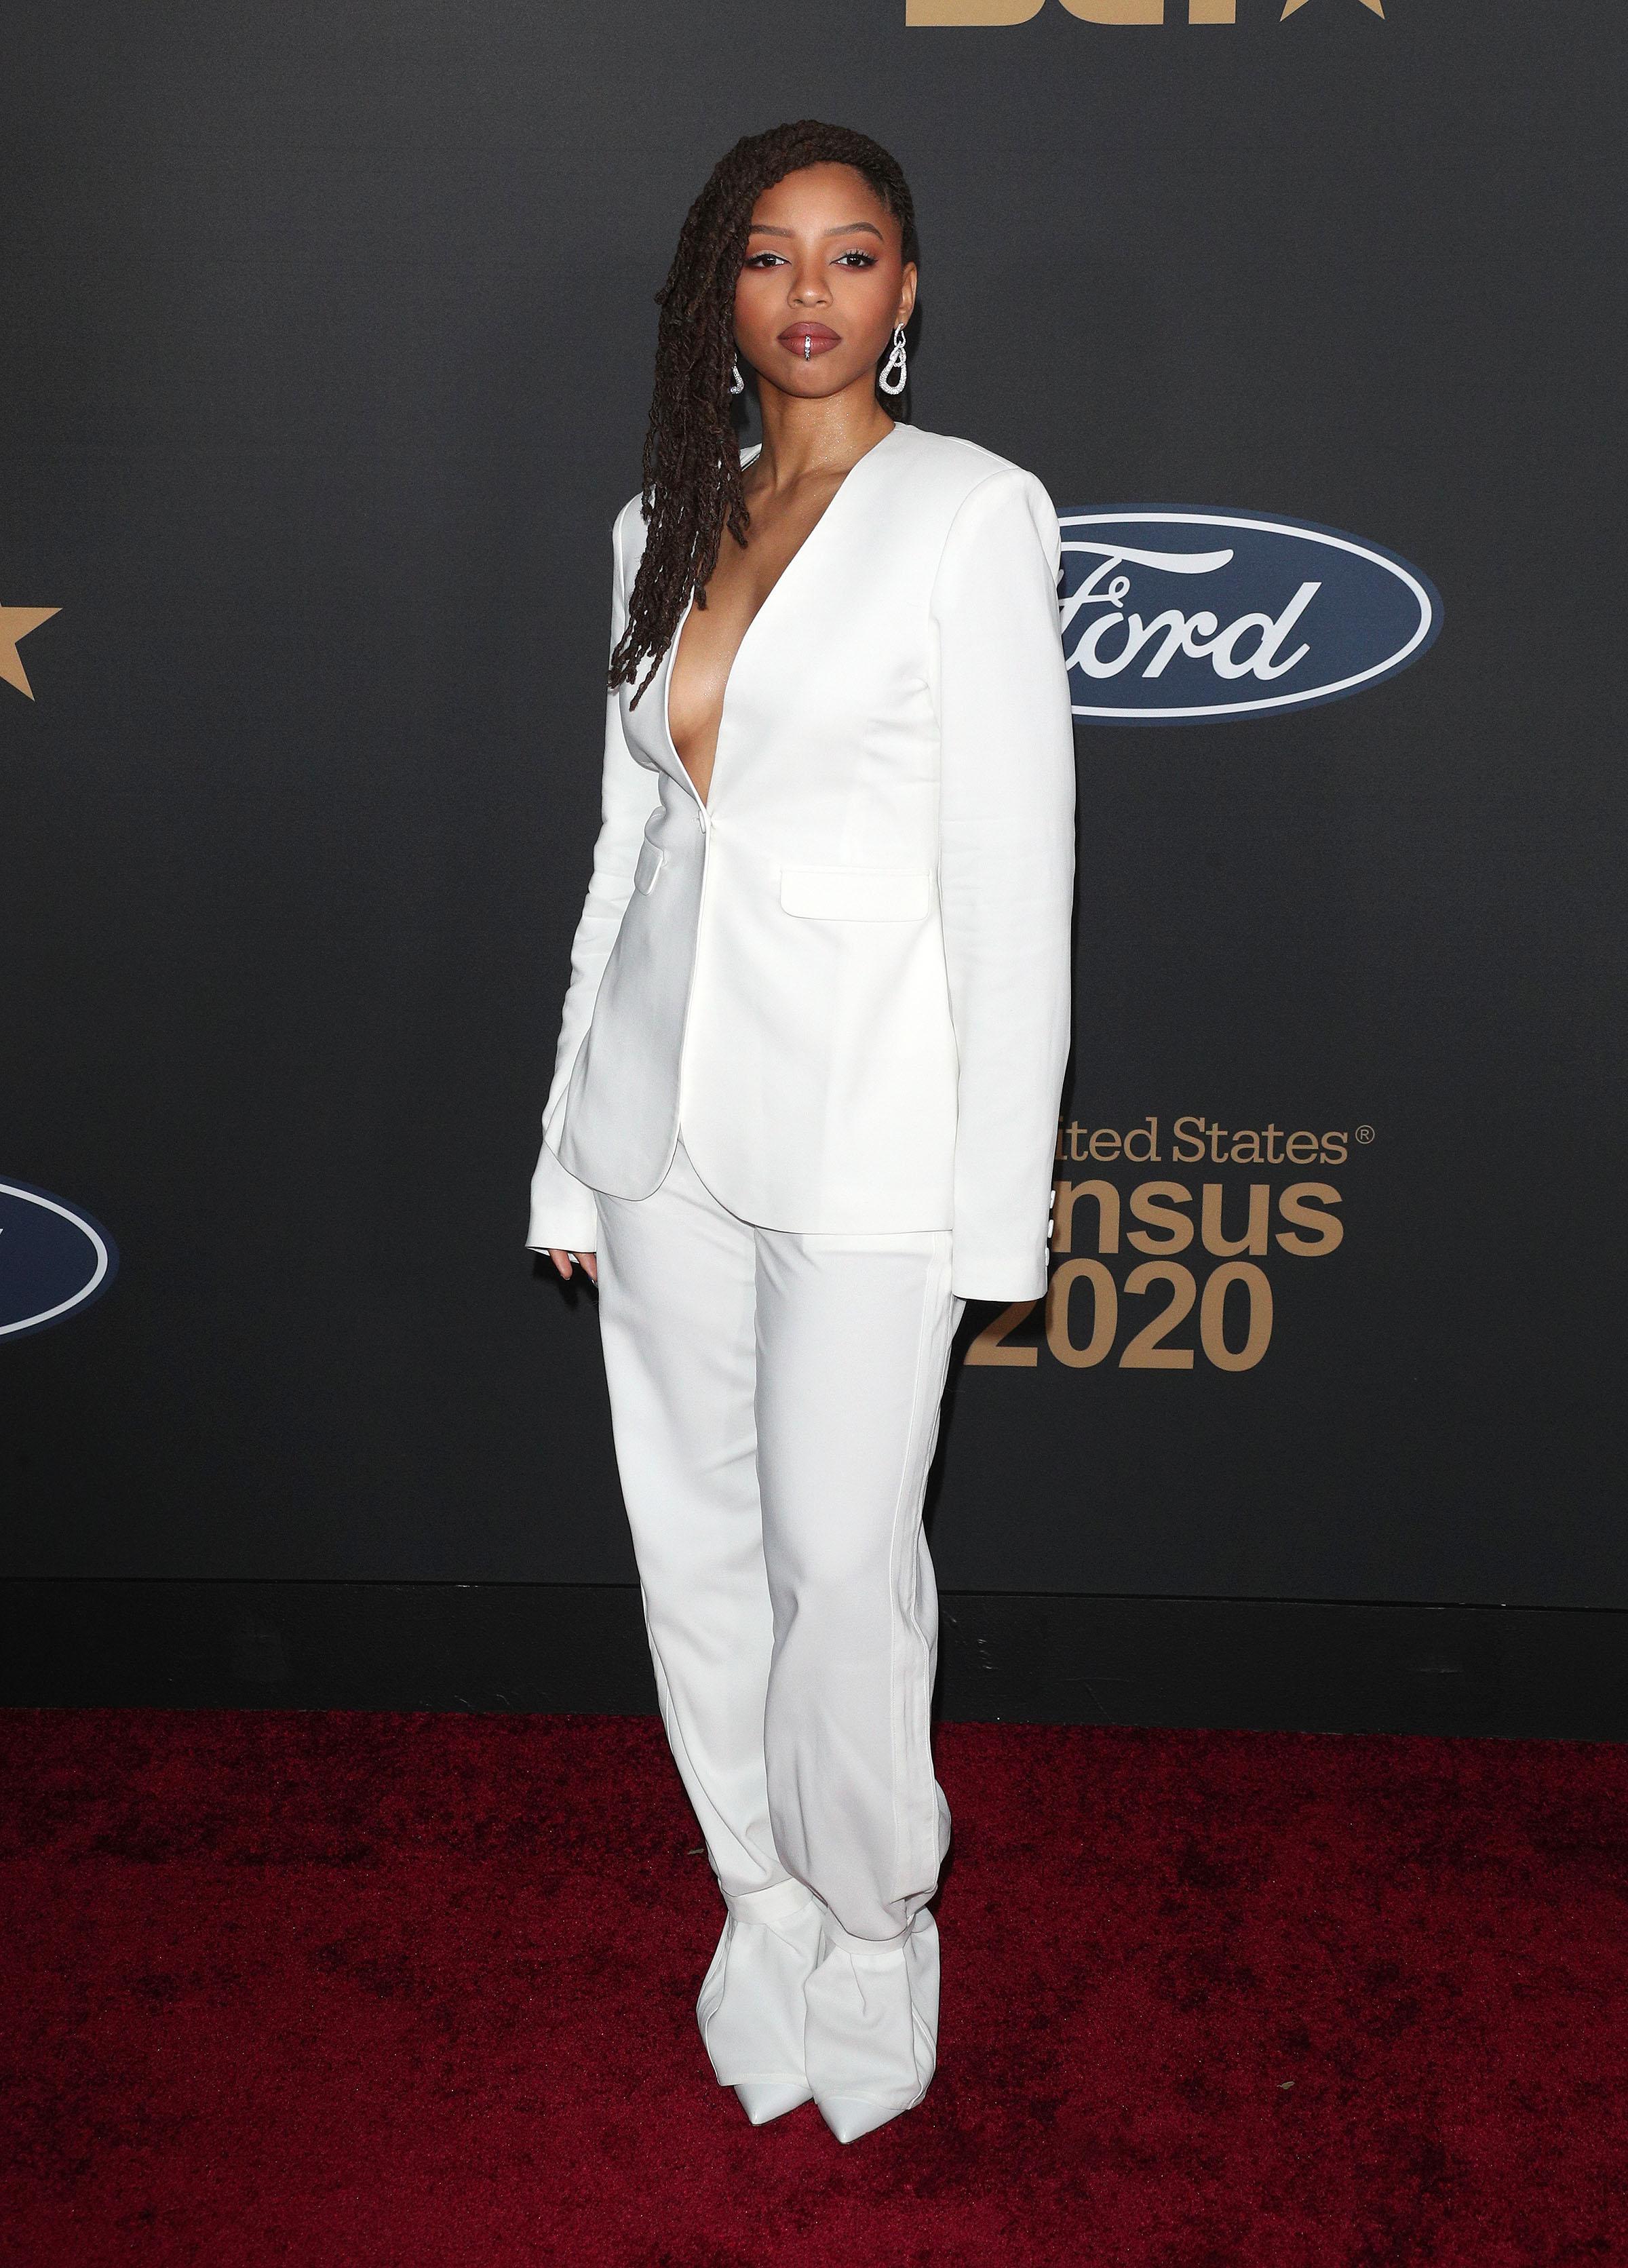 Chloe Bailey at The 51st NAACP Image Awards